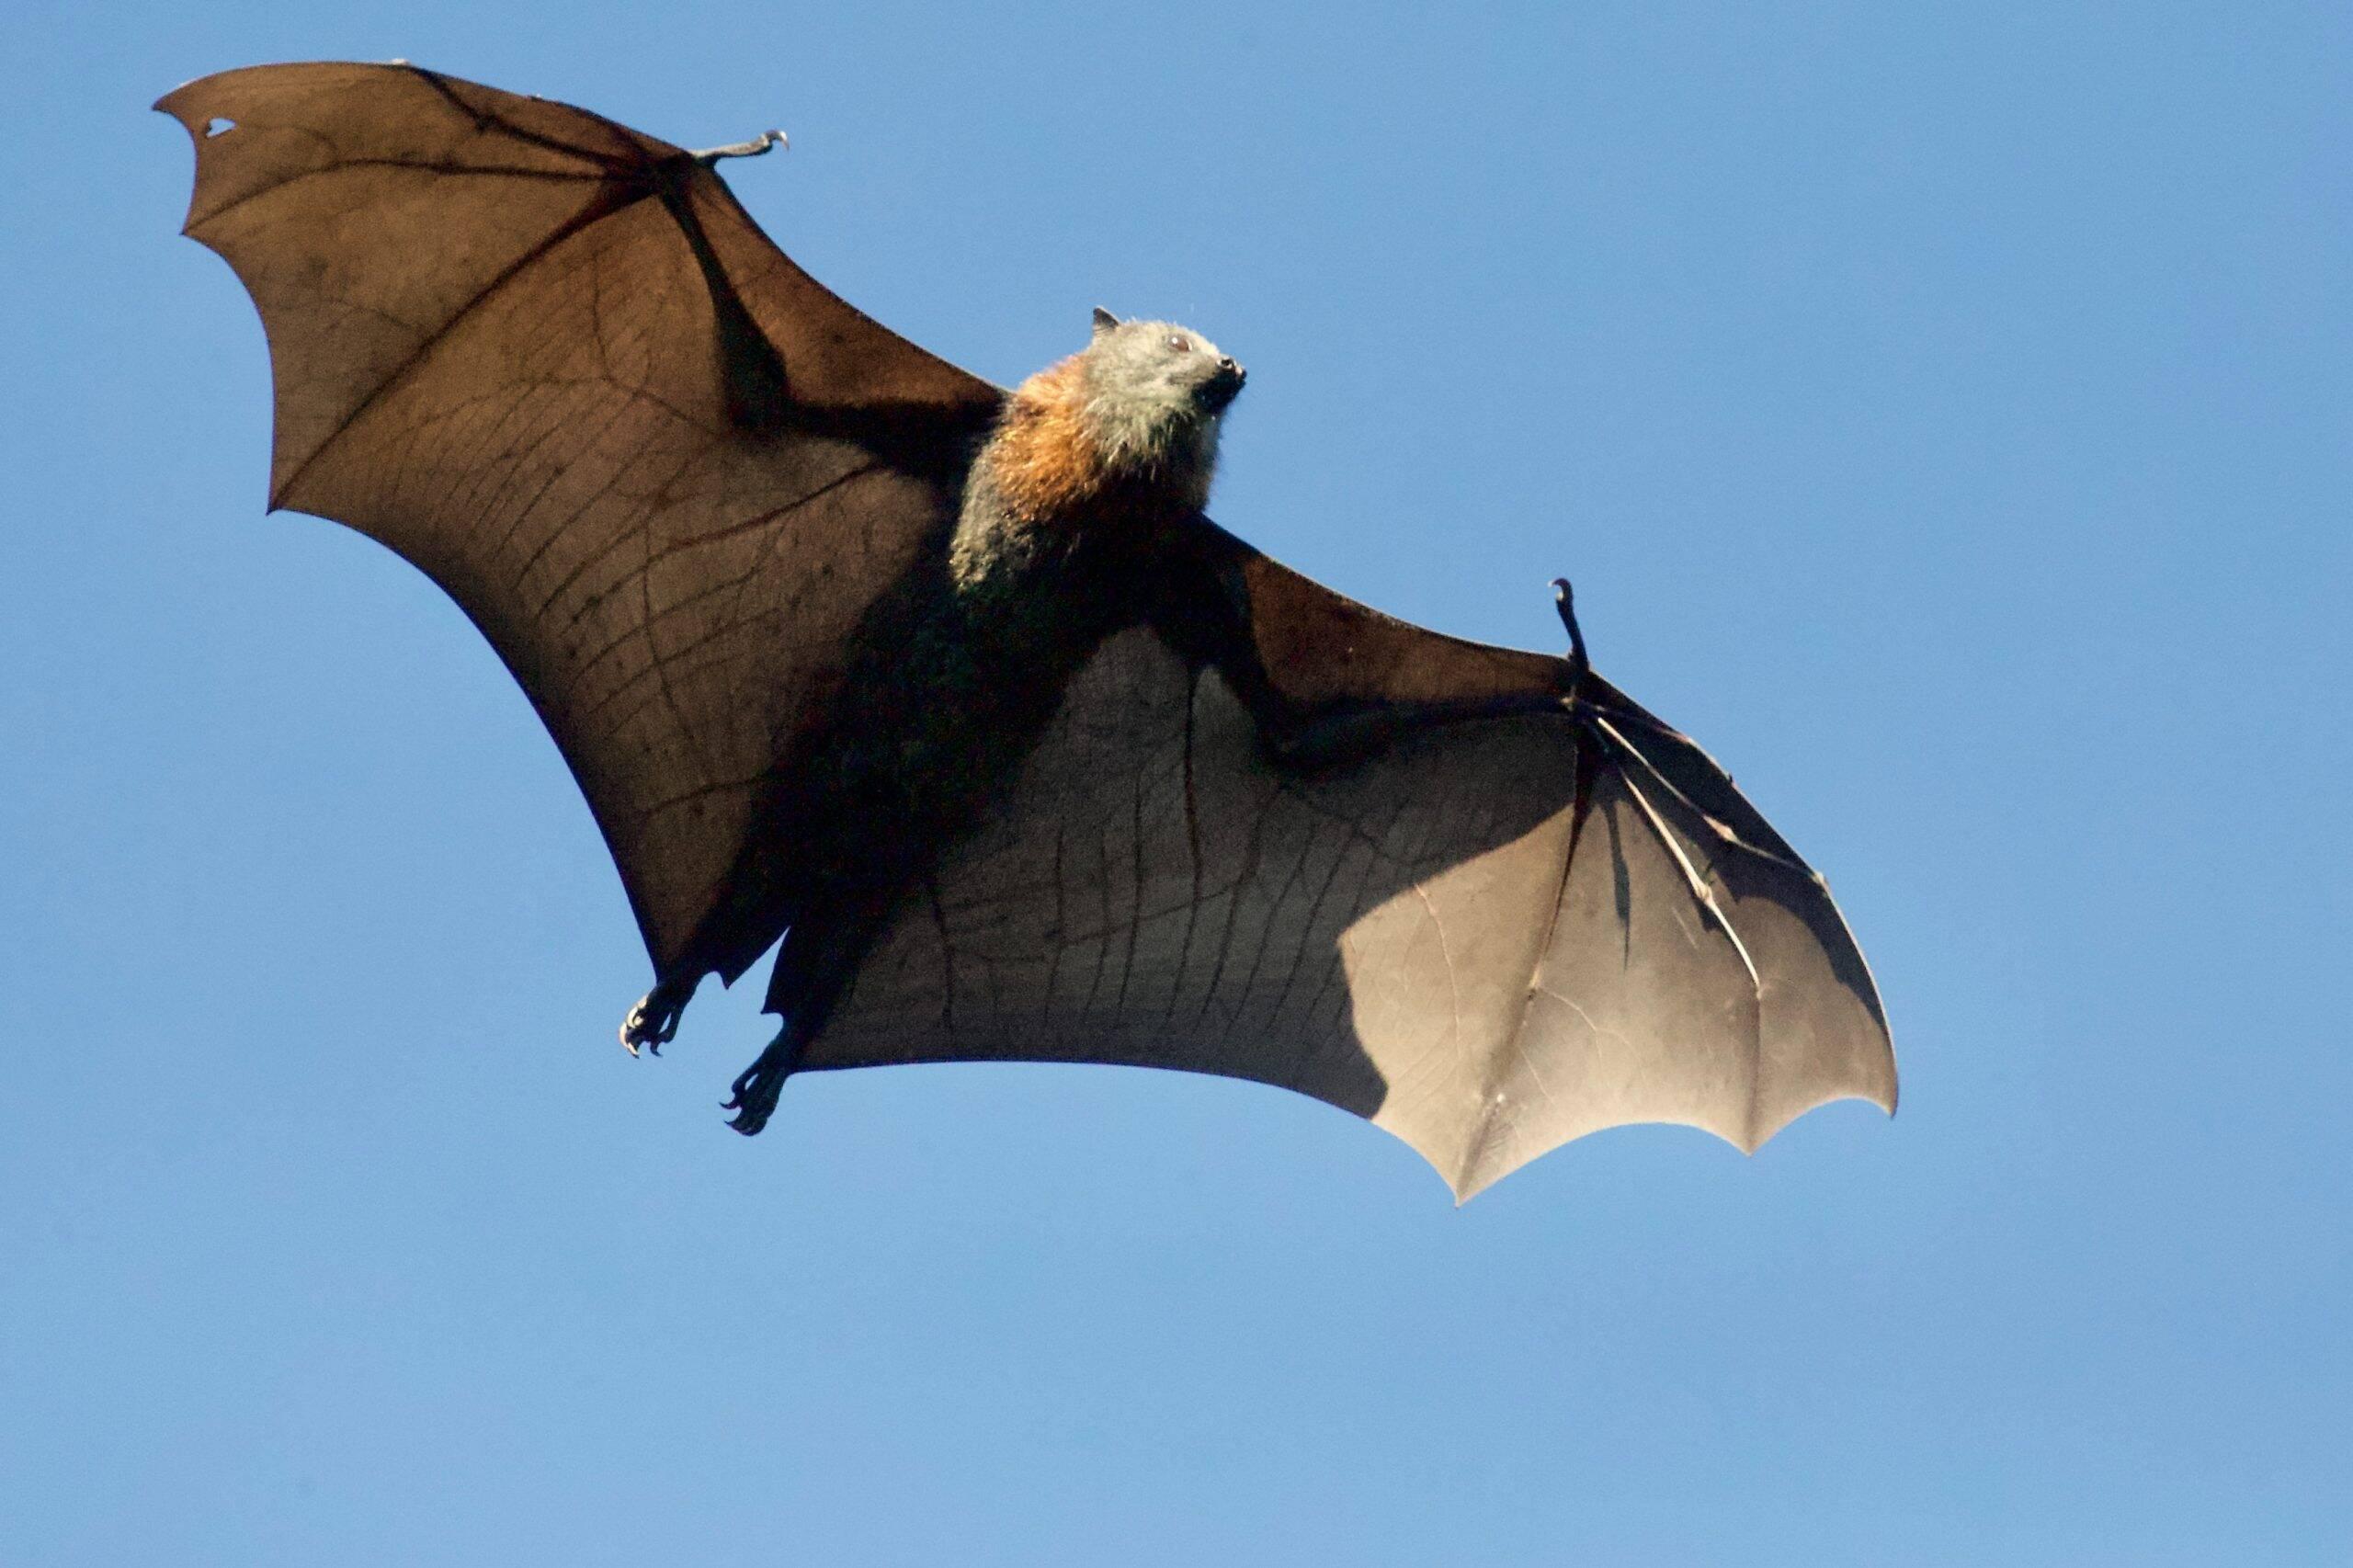 Os hospedeiros do vírus são algumas espécies de morcegos, que transmitem para humanos e também para macacos. (Foto: Unsplash)